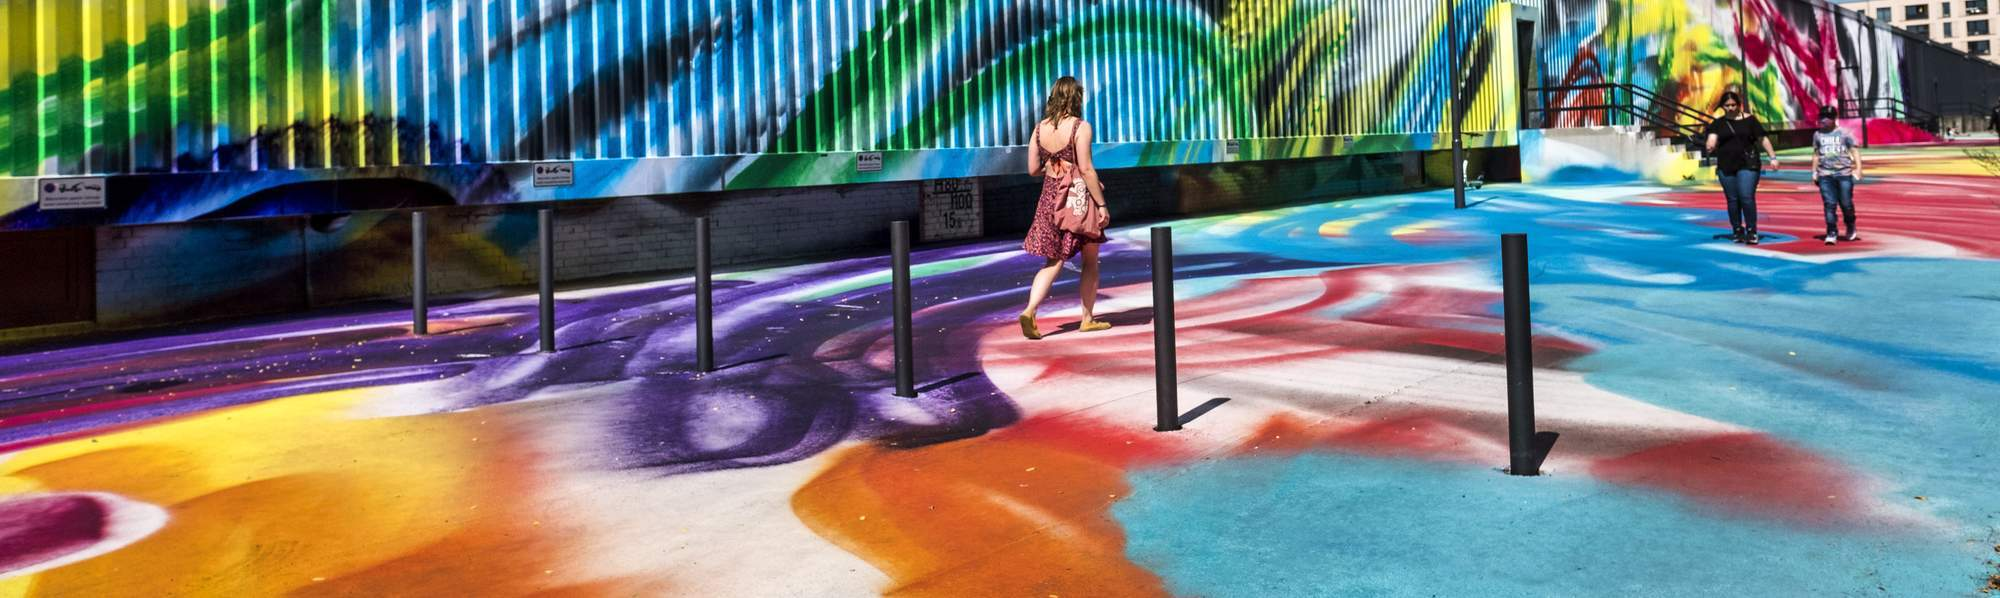 Farbenvielfalt auch im Außenbereich des Hamburger Bahnhofs